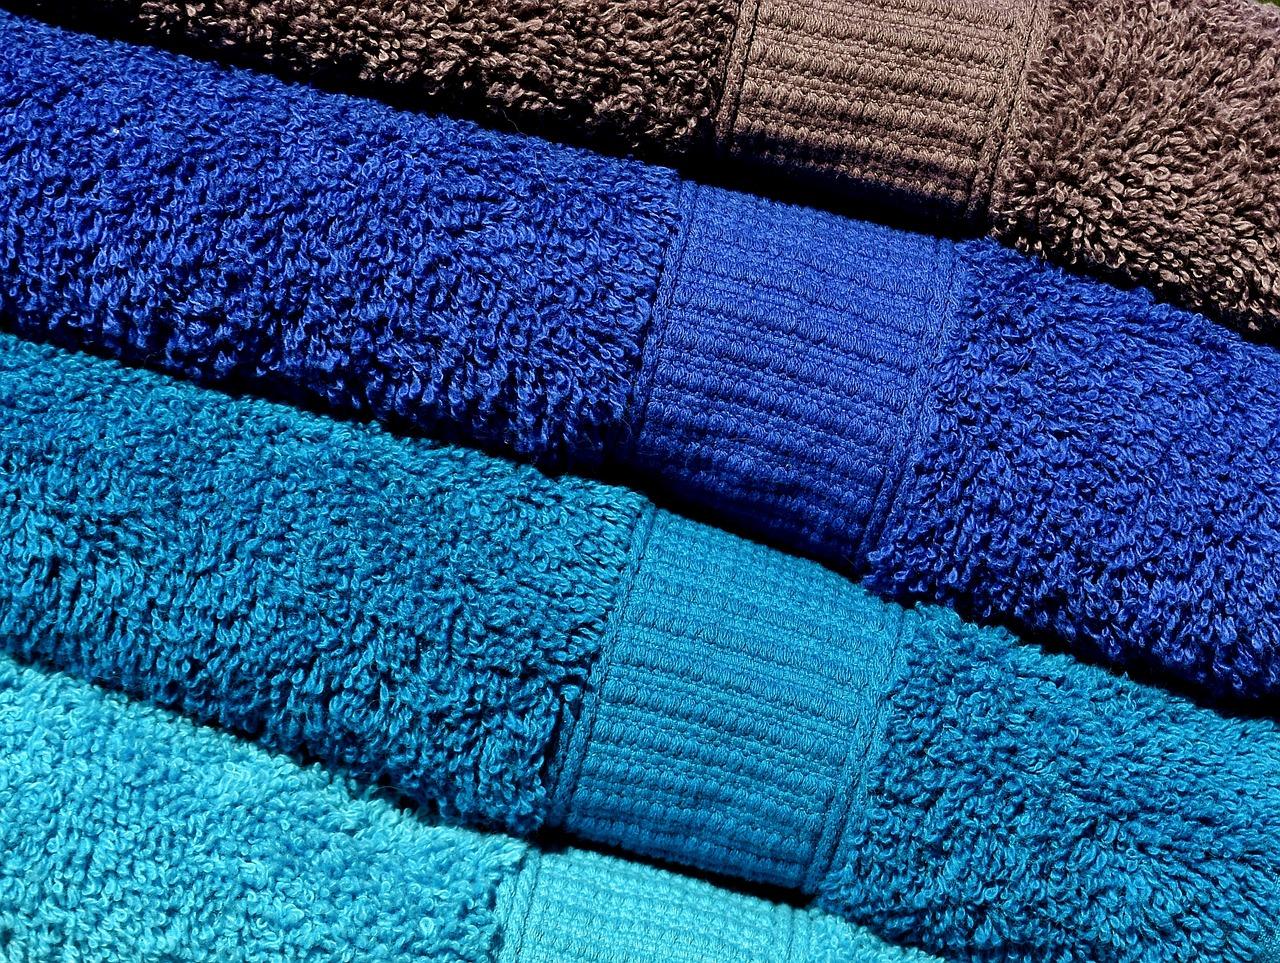 Towels 2822910 1280